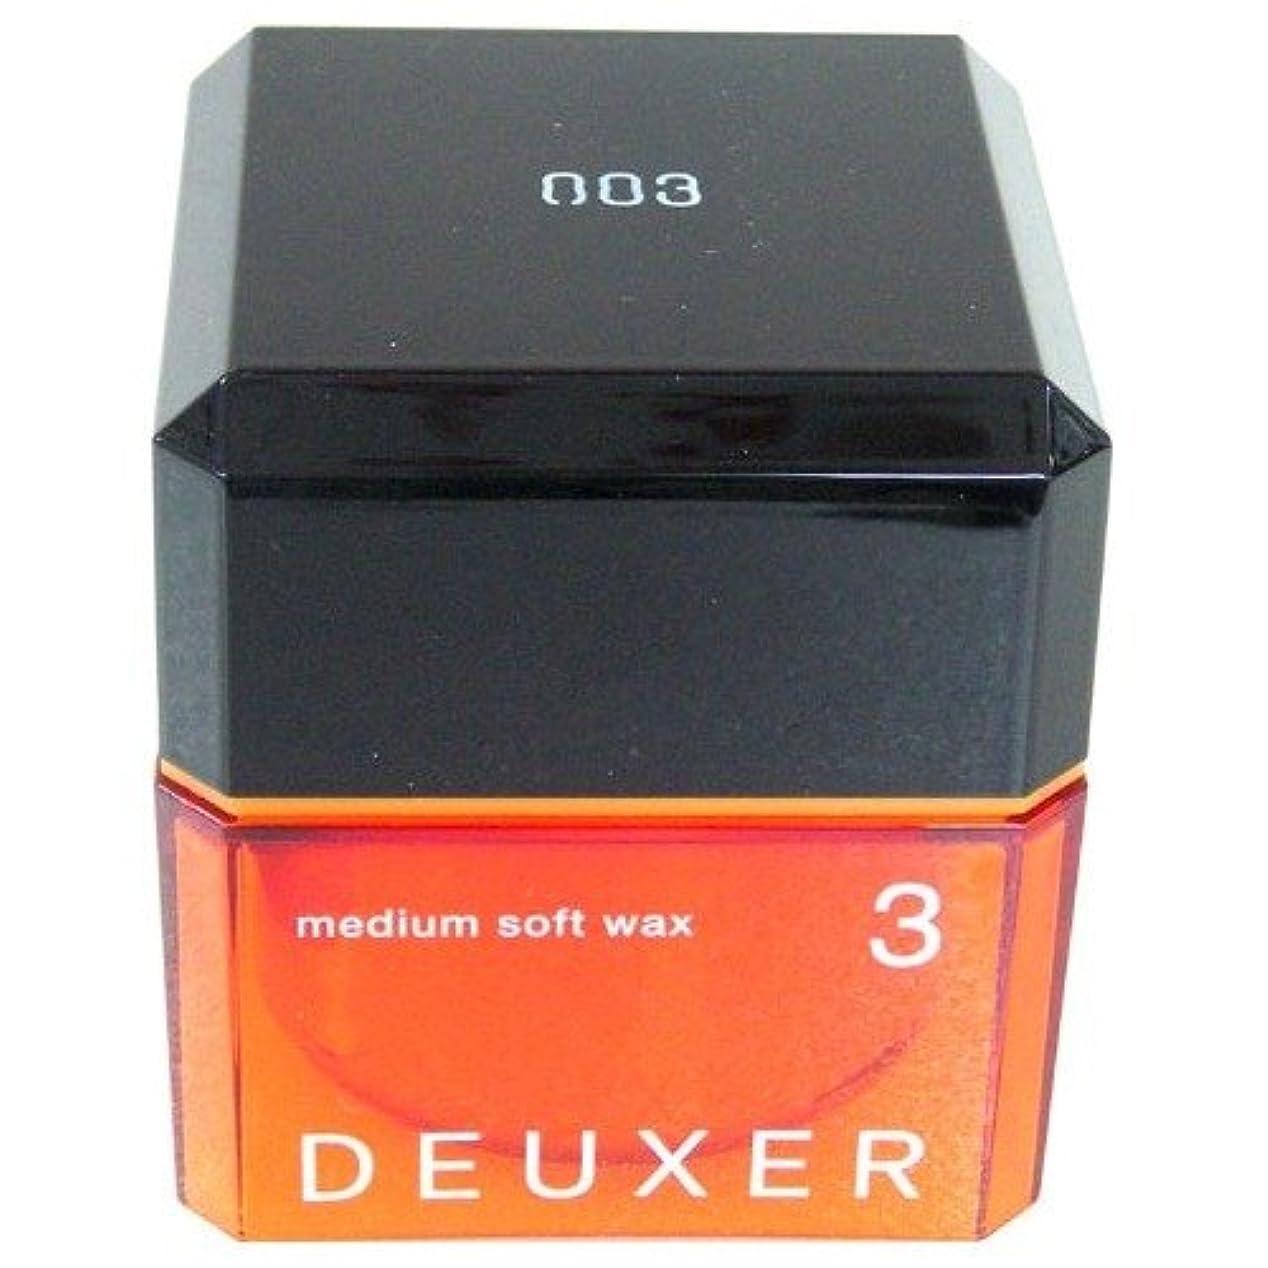 機知に富んだ位置づける大デューサー 3 ミディアムソフト ワックス 80g 【ナンバースリー】